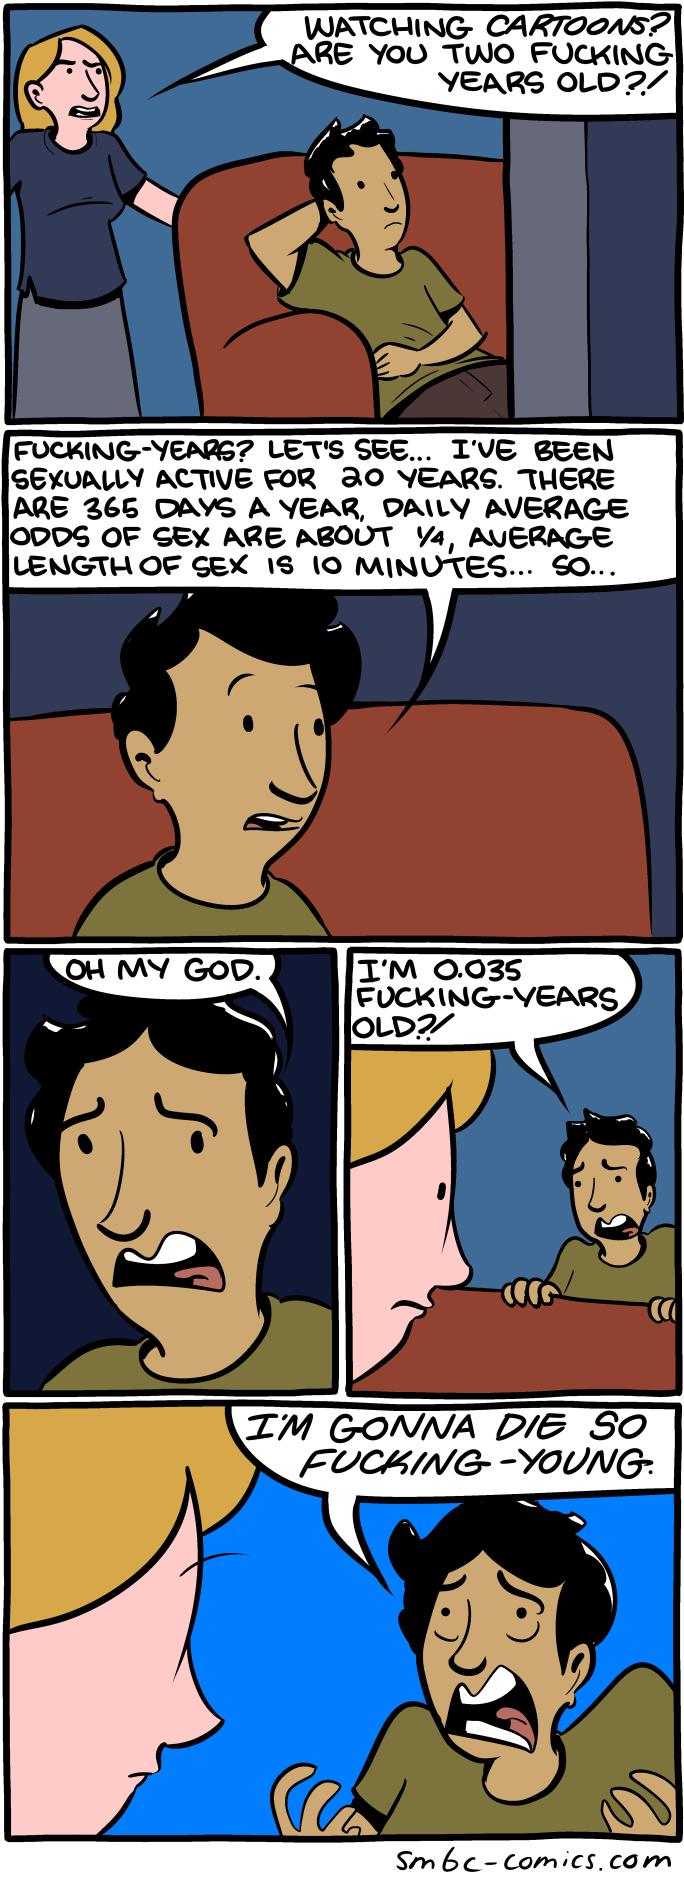 http://www.smbc-comics.com/comics/20140505.png